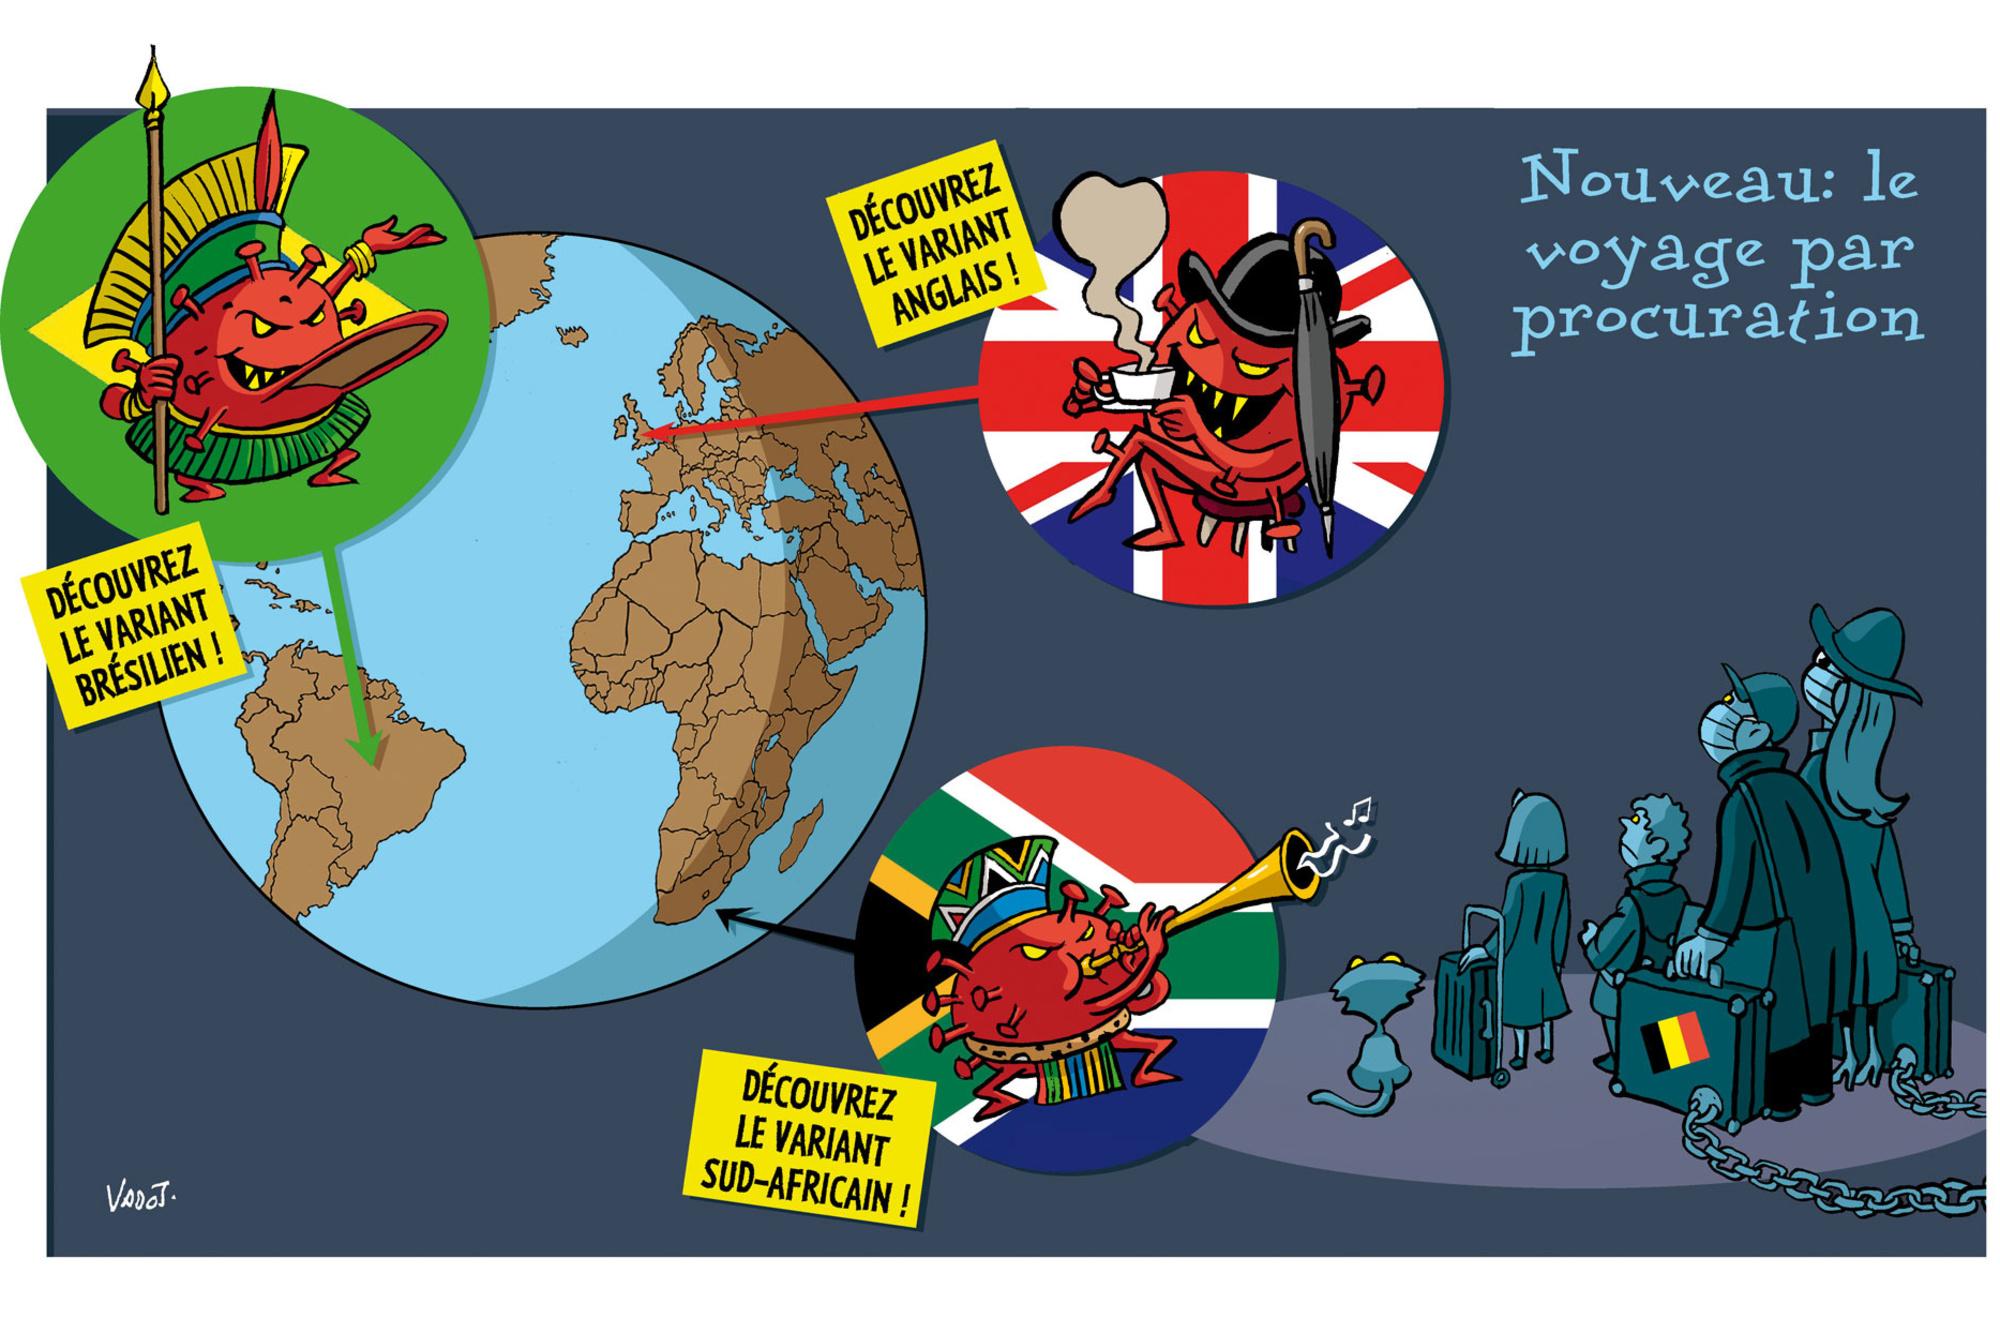 Les différents variants du coronavirus obligent le gouvernement à interdire les voyages non-essentiels à l'étranger., Vadot